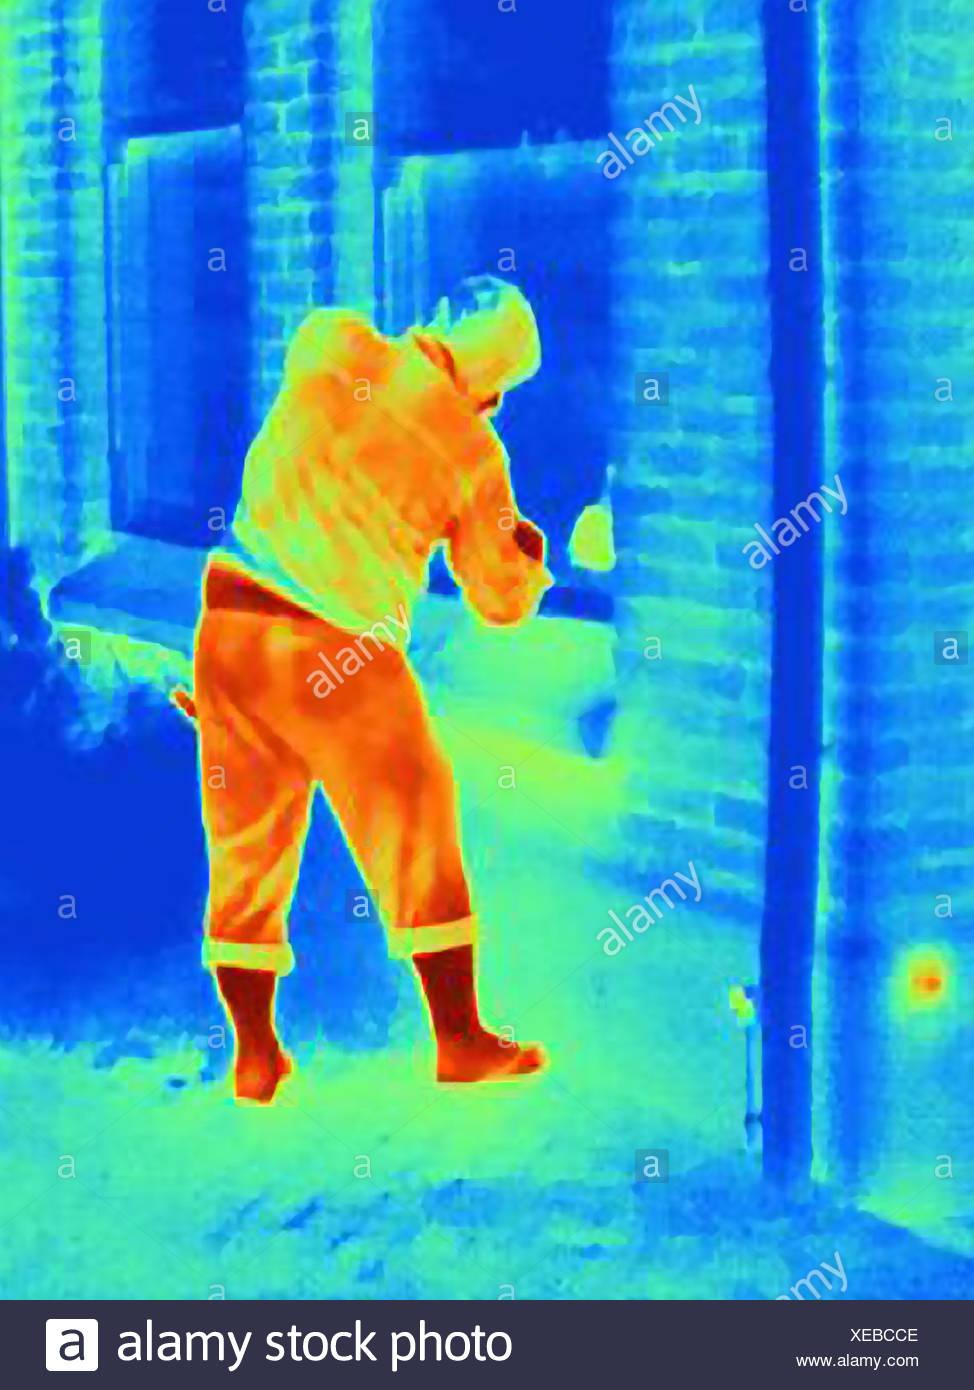 Photographie thermique d'un cambrioleur par effraction dans une chambre Photo Stock